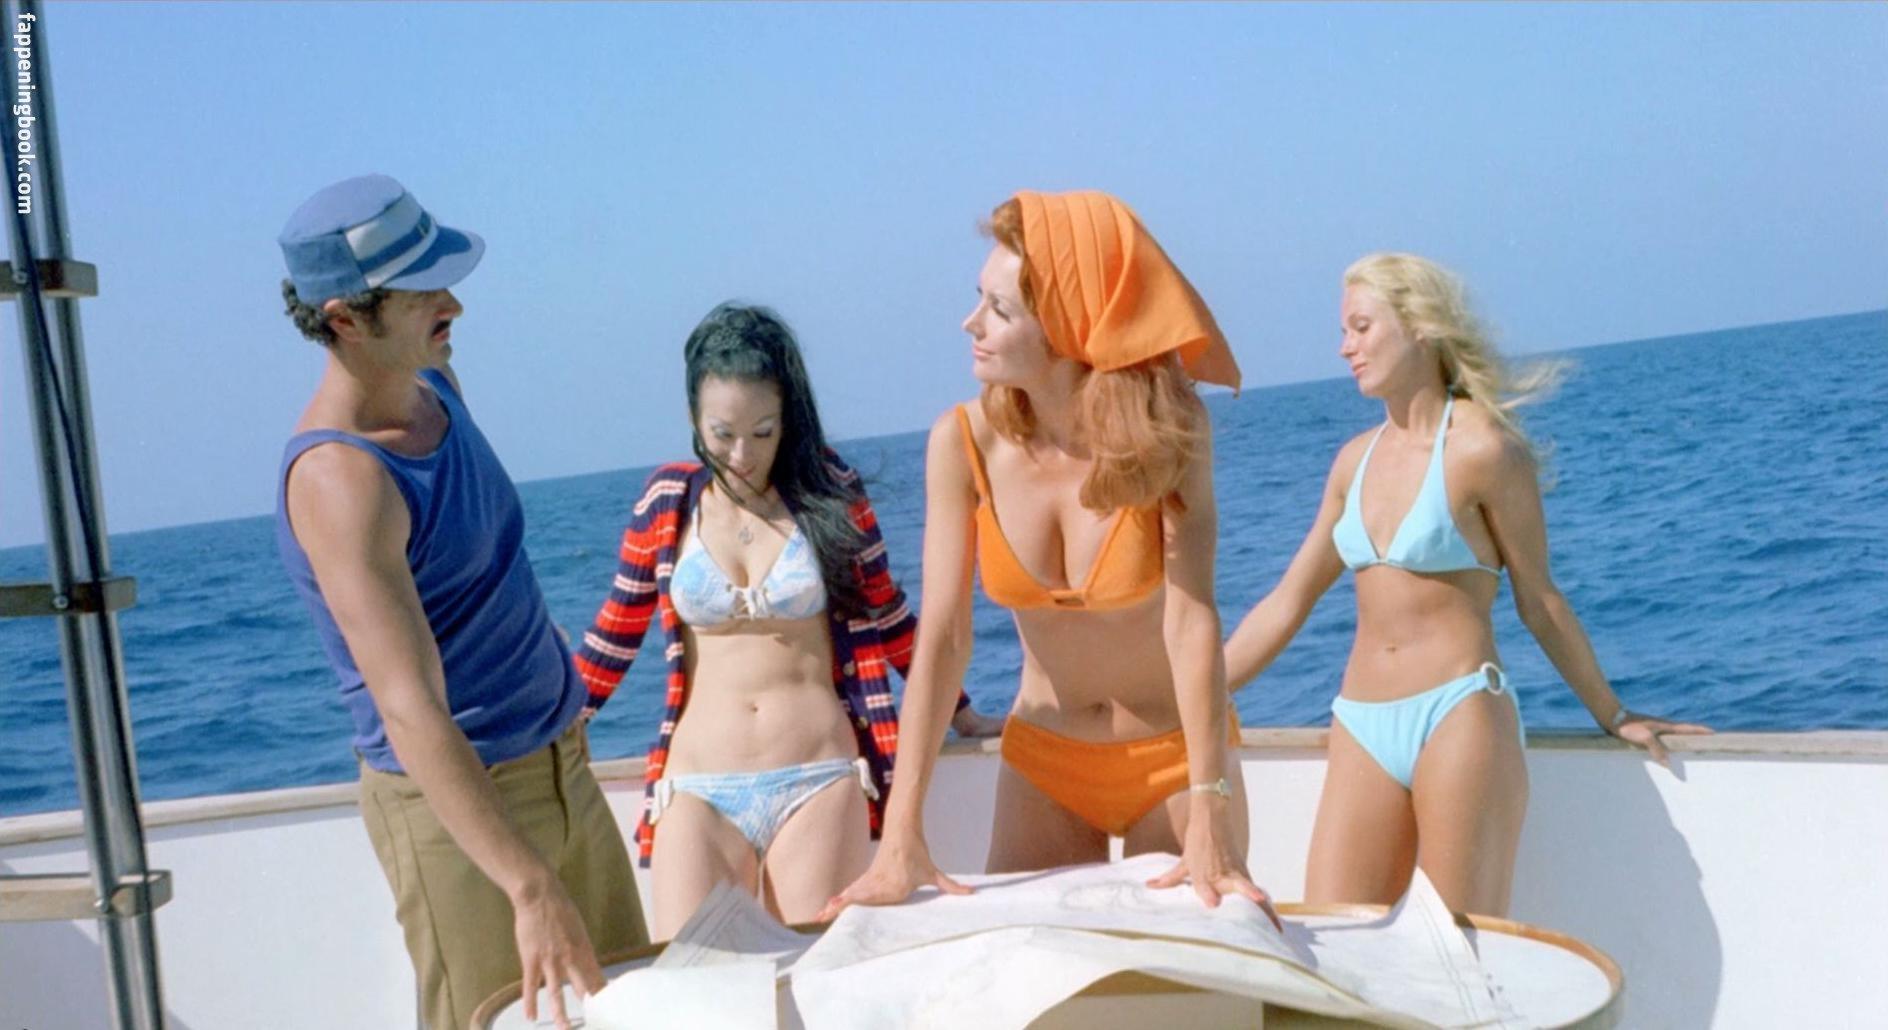 Swimwear Lisa Moreno Nude HD